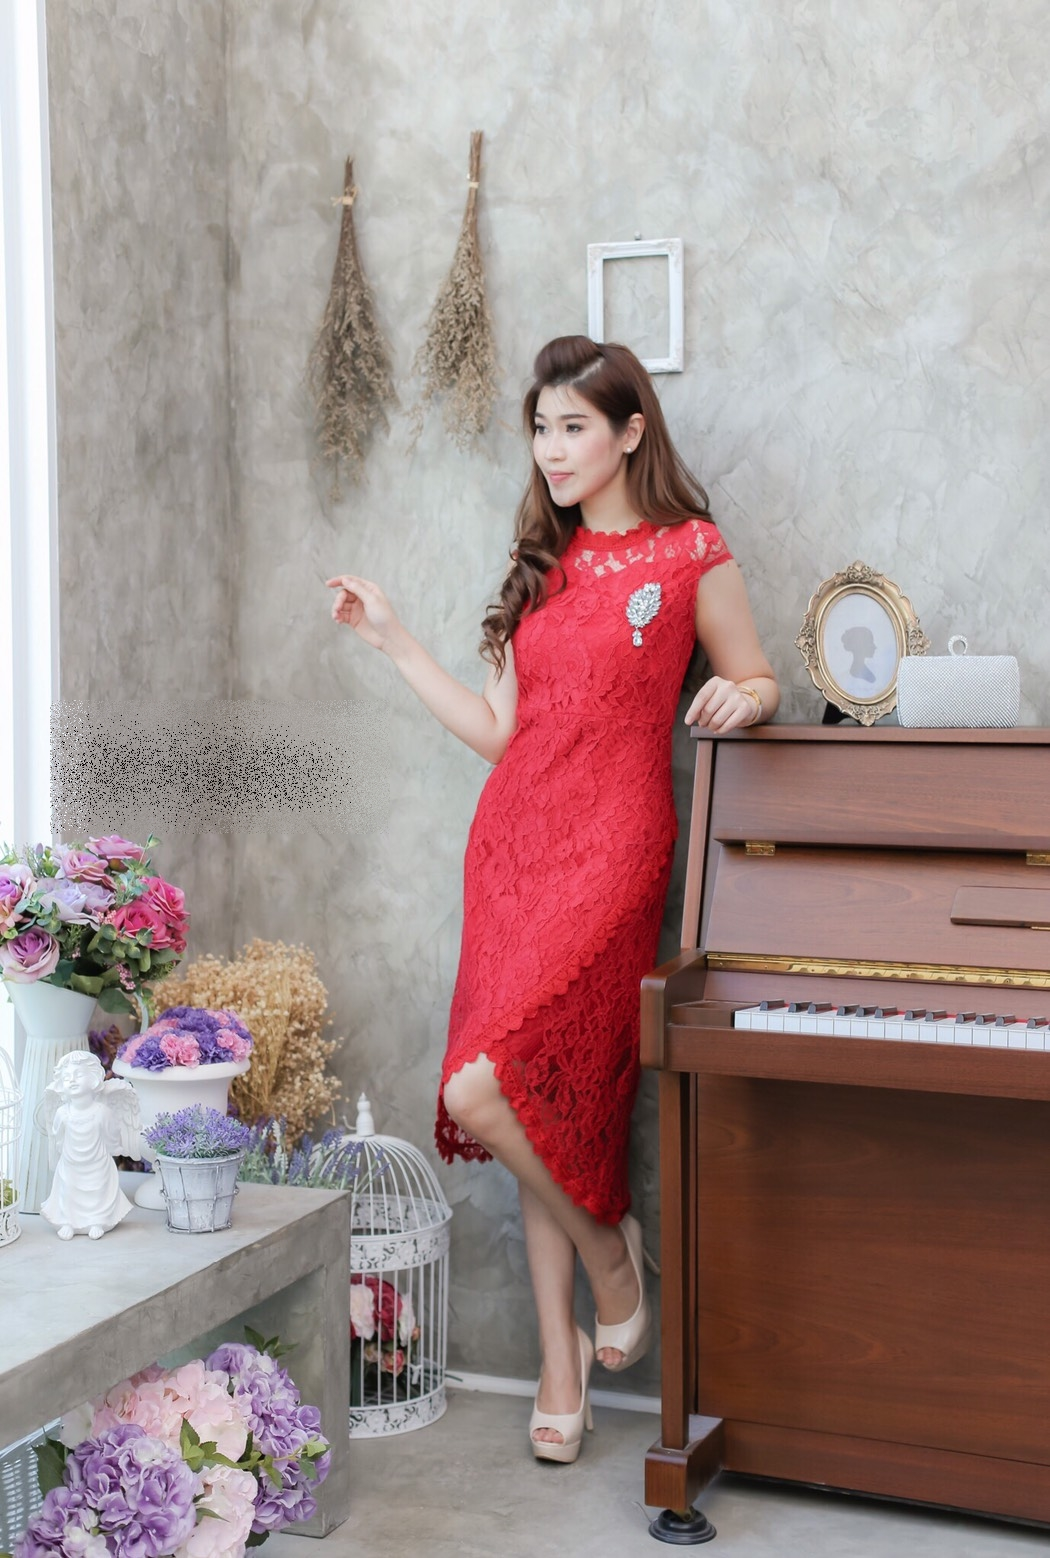 ชุดเดรสไปงานสีแดง , ชุดไปงานแต่งงานสีแดง, ชุดเดรสสีแดง, แฟชั่นชุดไปงานสวยๆ, ชุดเดรสสวยหรูสีแดง,ชุดเดรสเปิดไหล่สีแดง,ชุดราตรีสั้นสีแดง,ชุดลูกไม้สีแดง